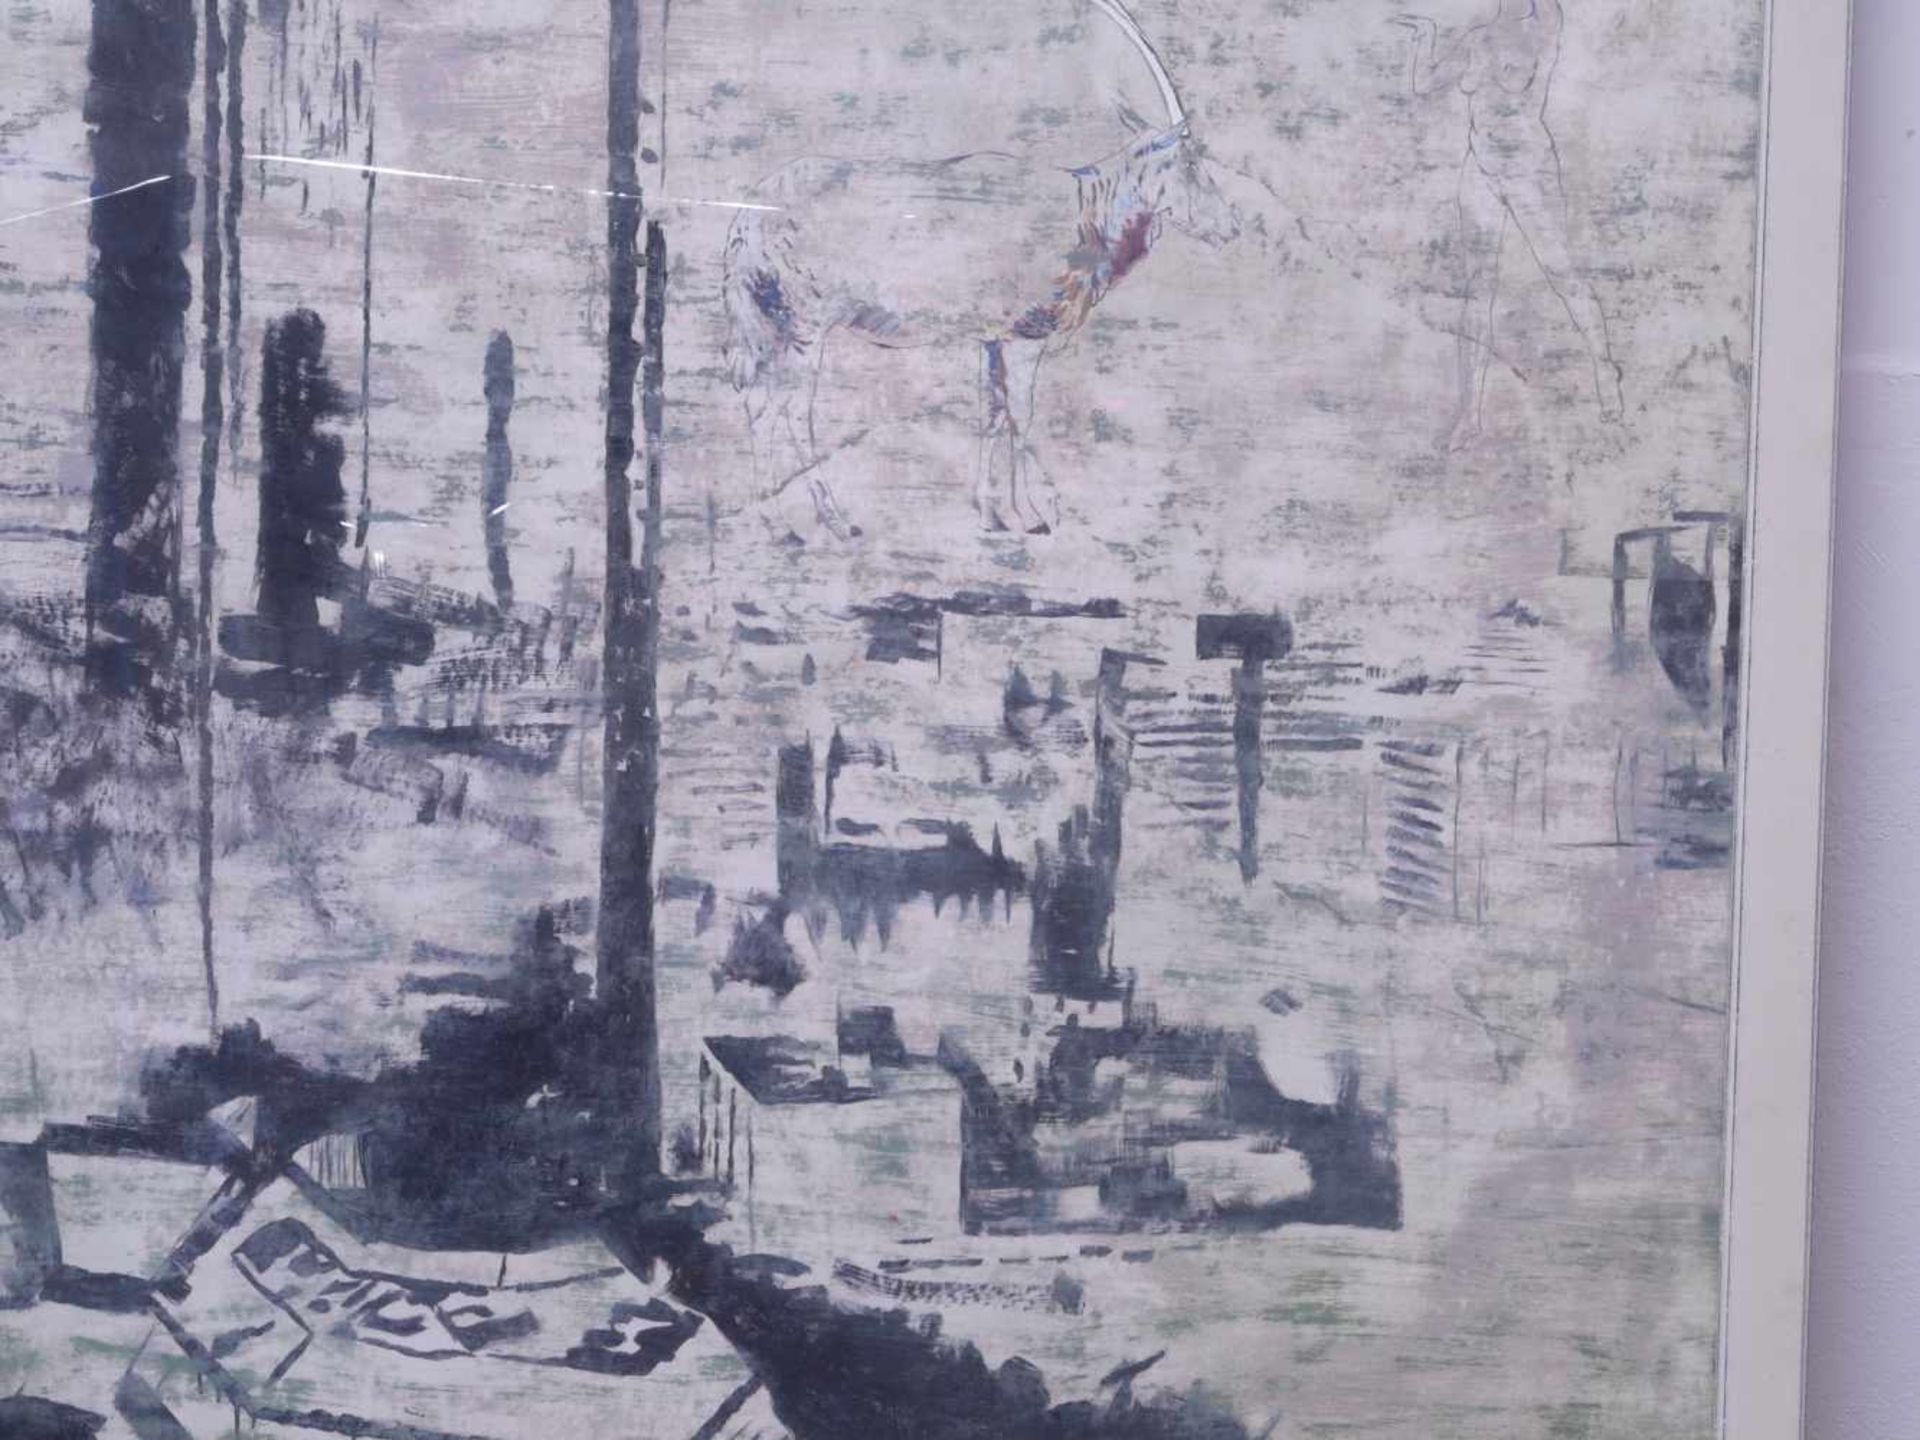 """Dauphin, Peter genannt Muth (Nürnberg 1957) - Großformatiges Gemälde """"Alpstadt""""Sehr großes - Bild 5 aus 6"""